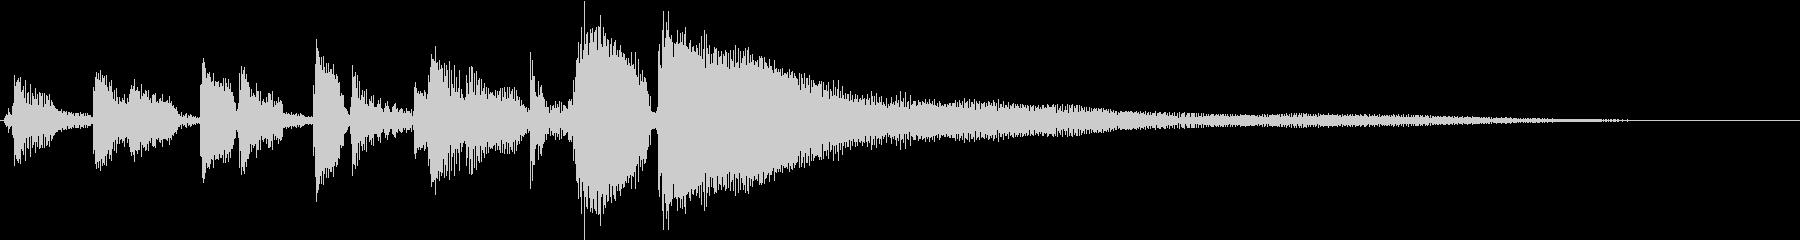 ブルースフレーズを用いたジングル用の未再生の波形